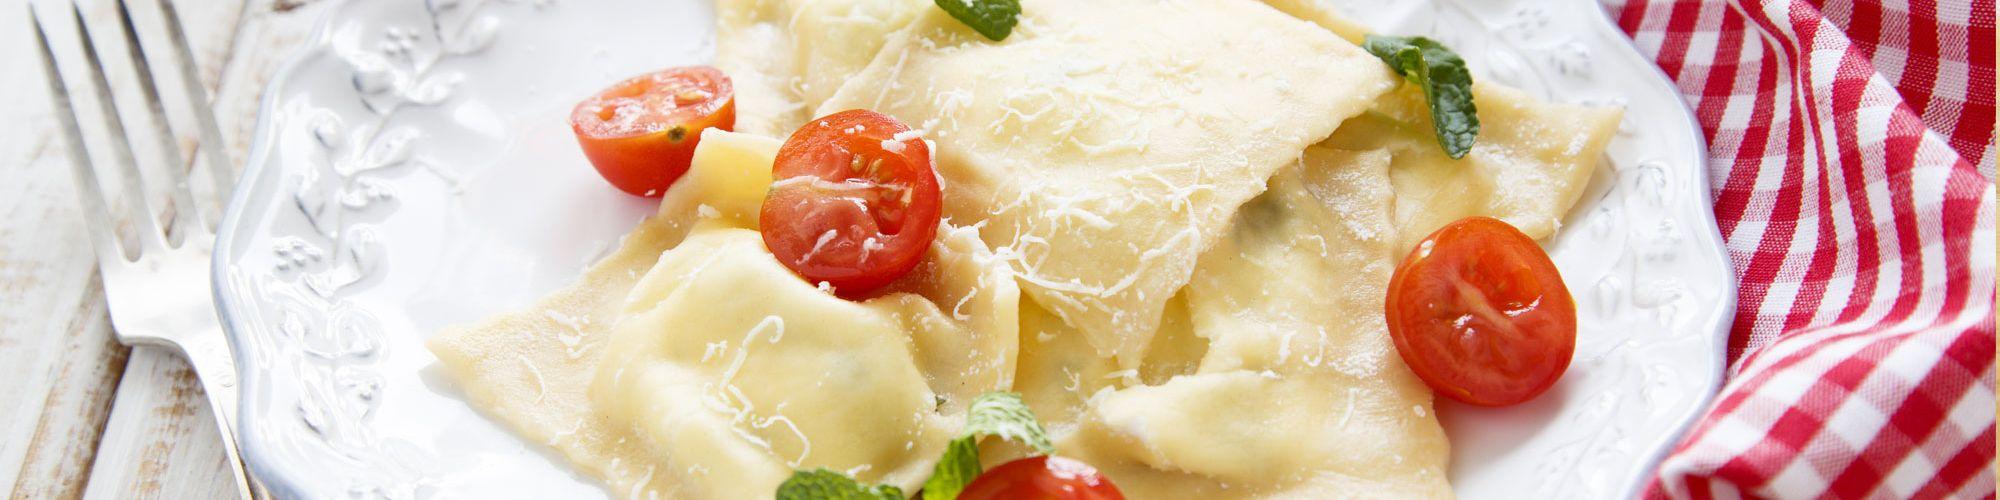 ricetta Robiolotti con Robiola Oro Zani con pomodorini e rucola con pasta fresca